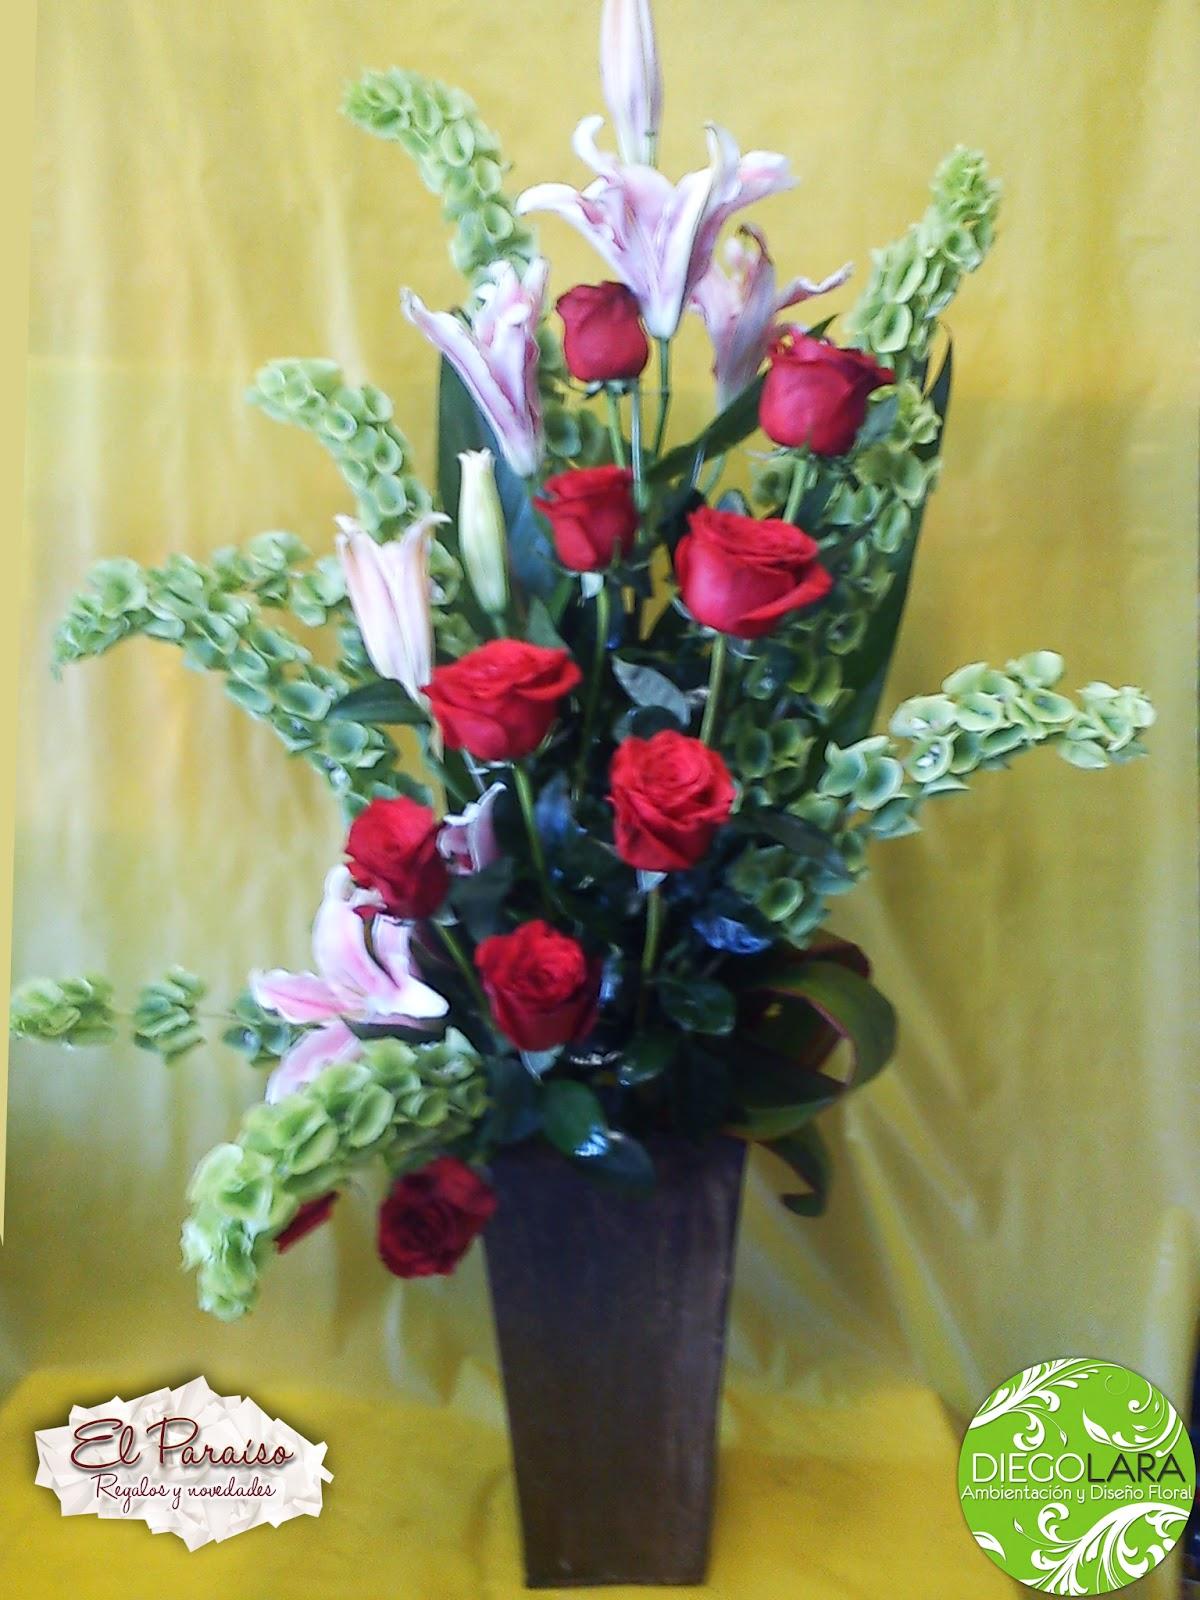 Imagenes De Arreglos De Rosas Grandes - imagenes arreglos de rosas negra Resultados de la